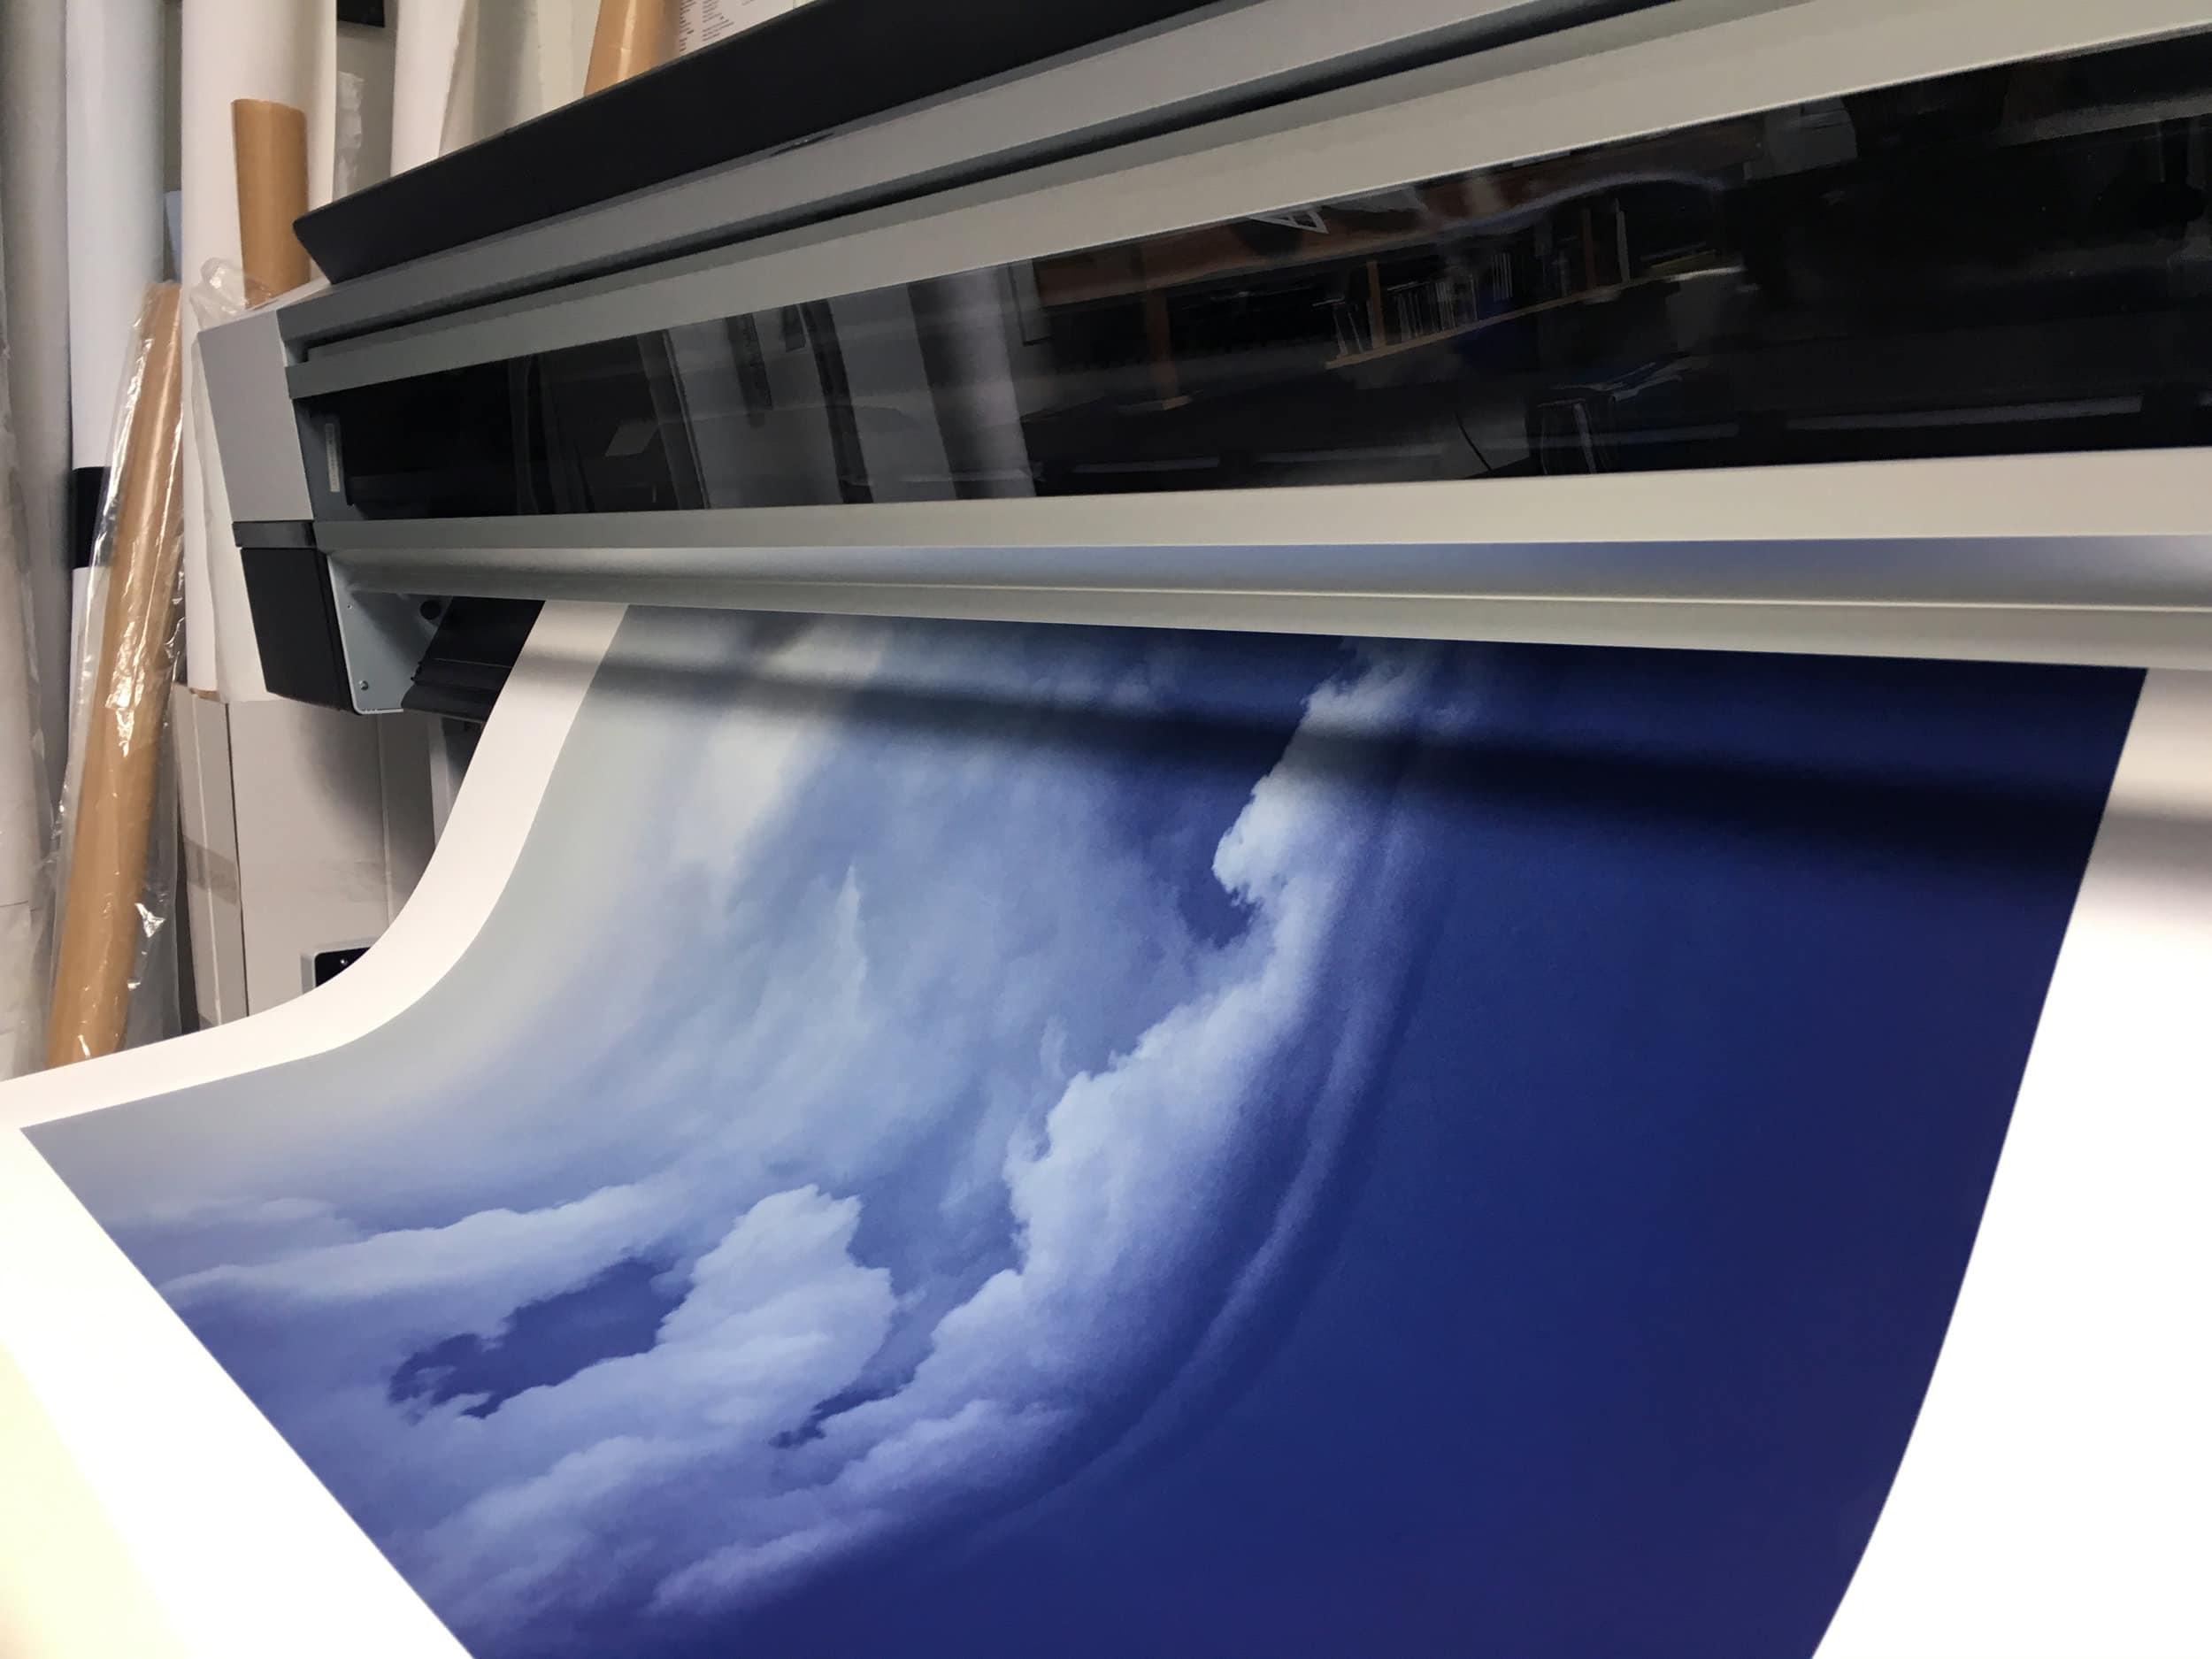 Our  Epson Stylus Pro 11880  inkjet printer